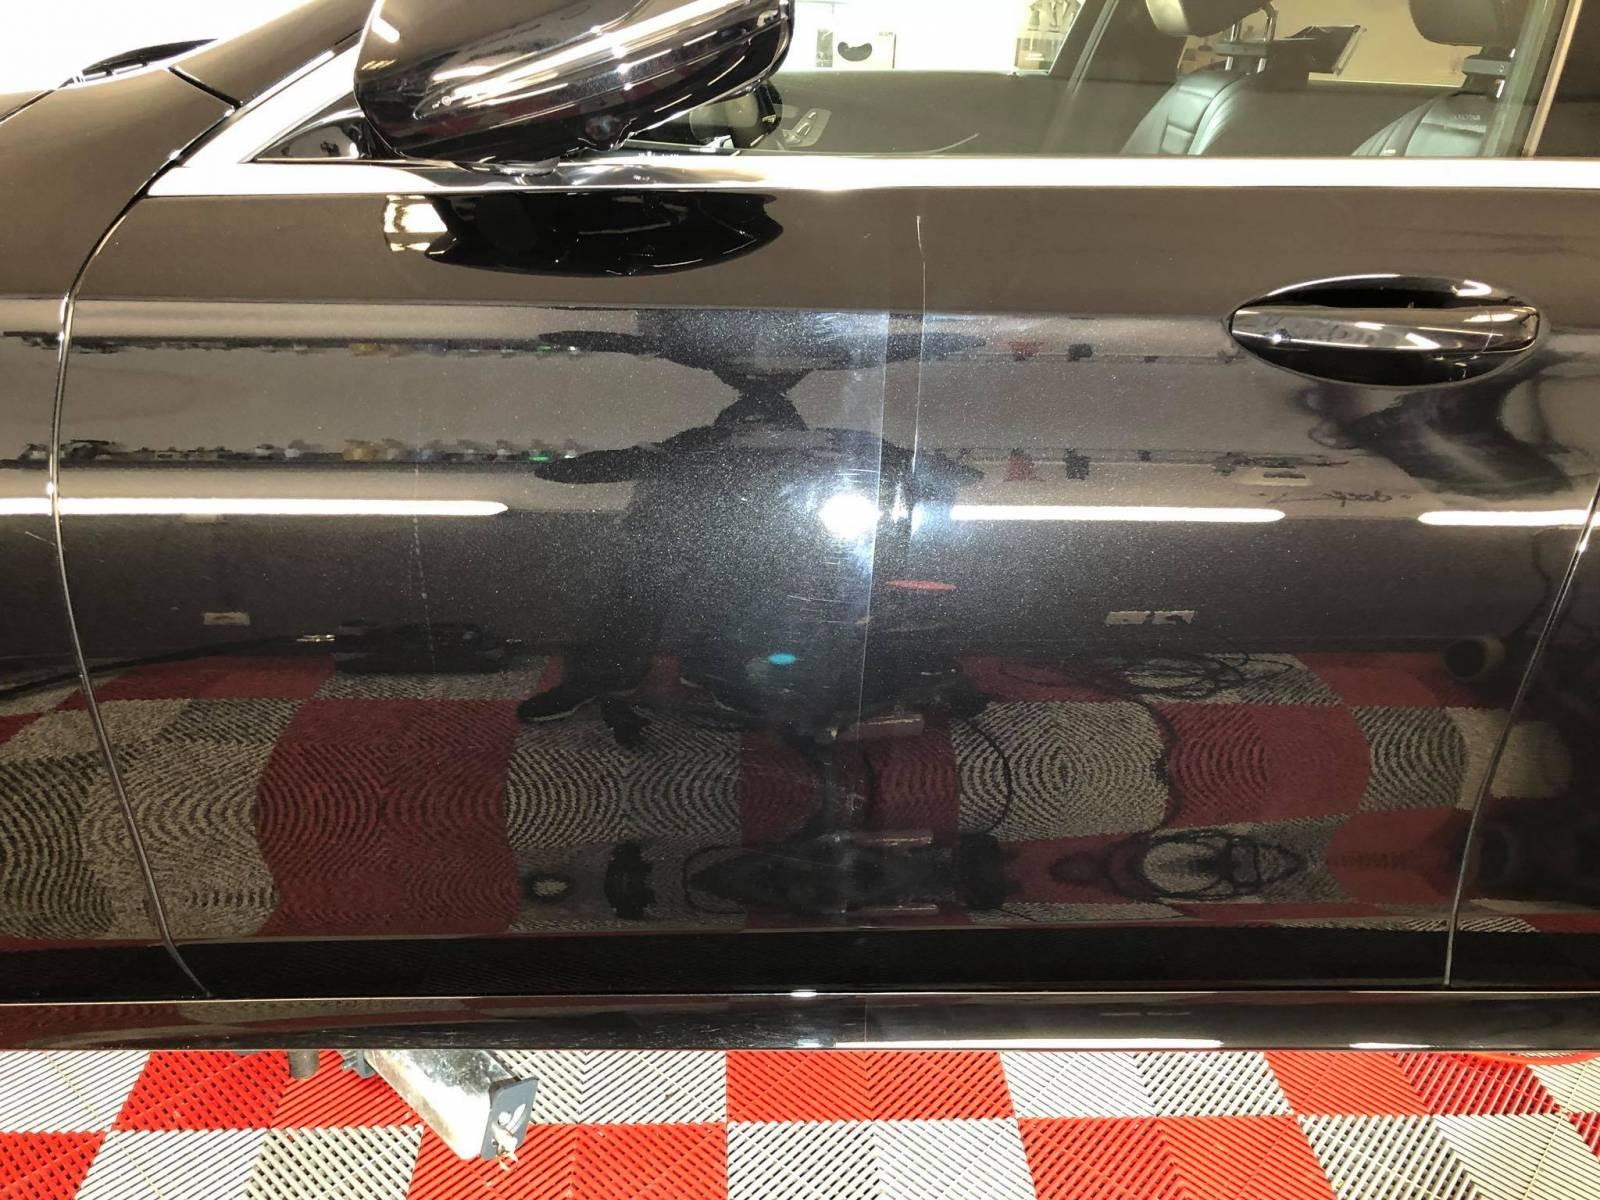 protection compl te detailing voiture prestige bordeaux clean autos 33. Black Bedroom Furniture Sets. Home Design Ideas